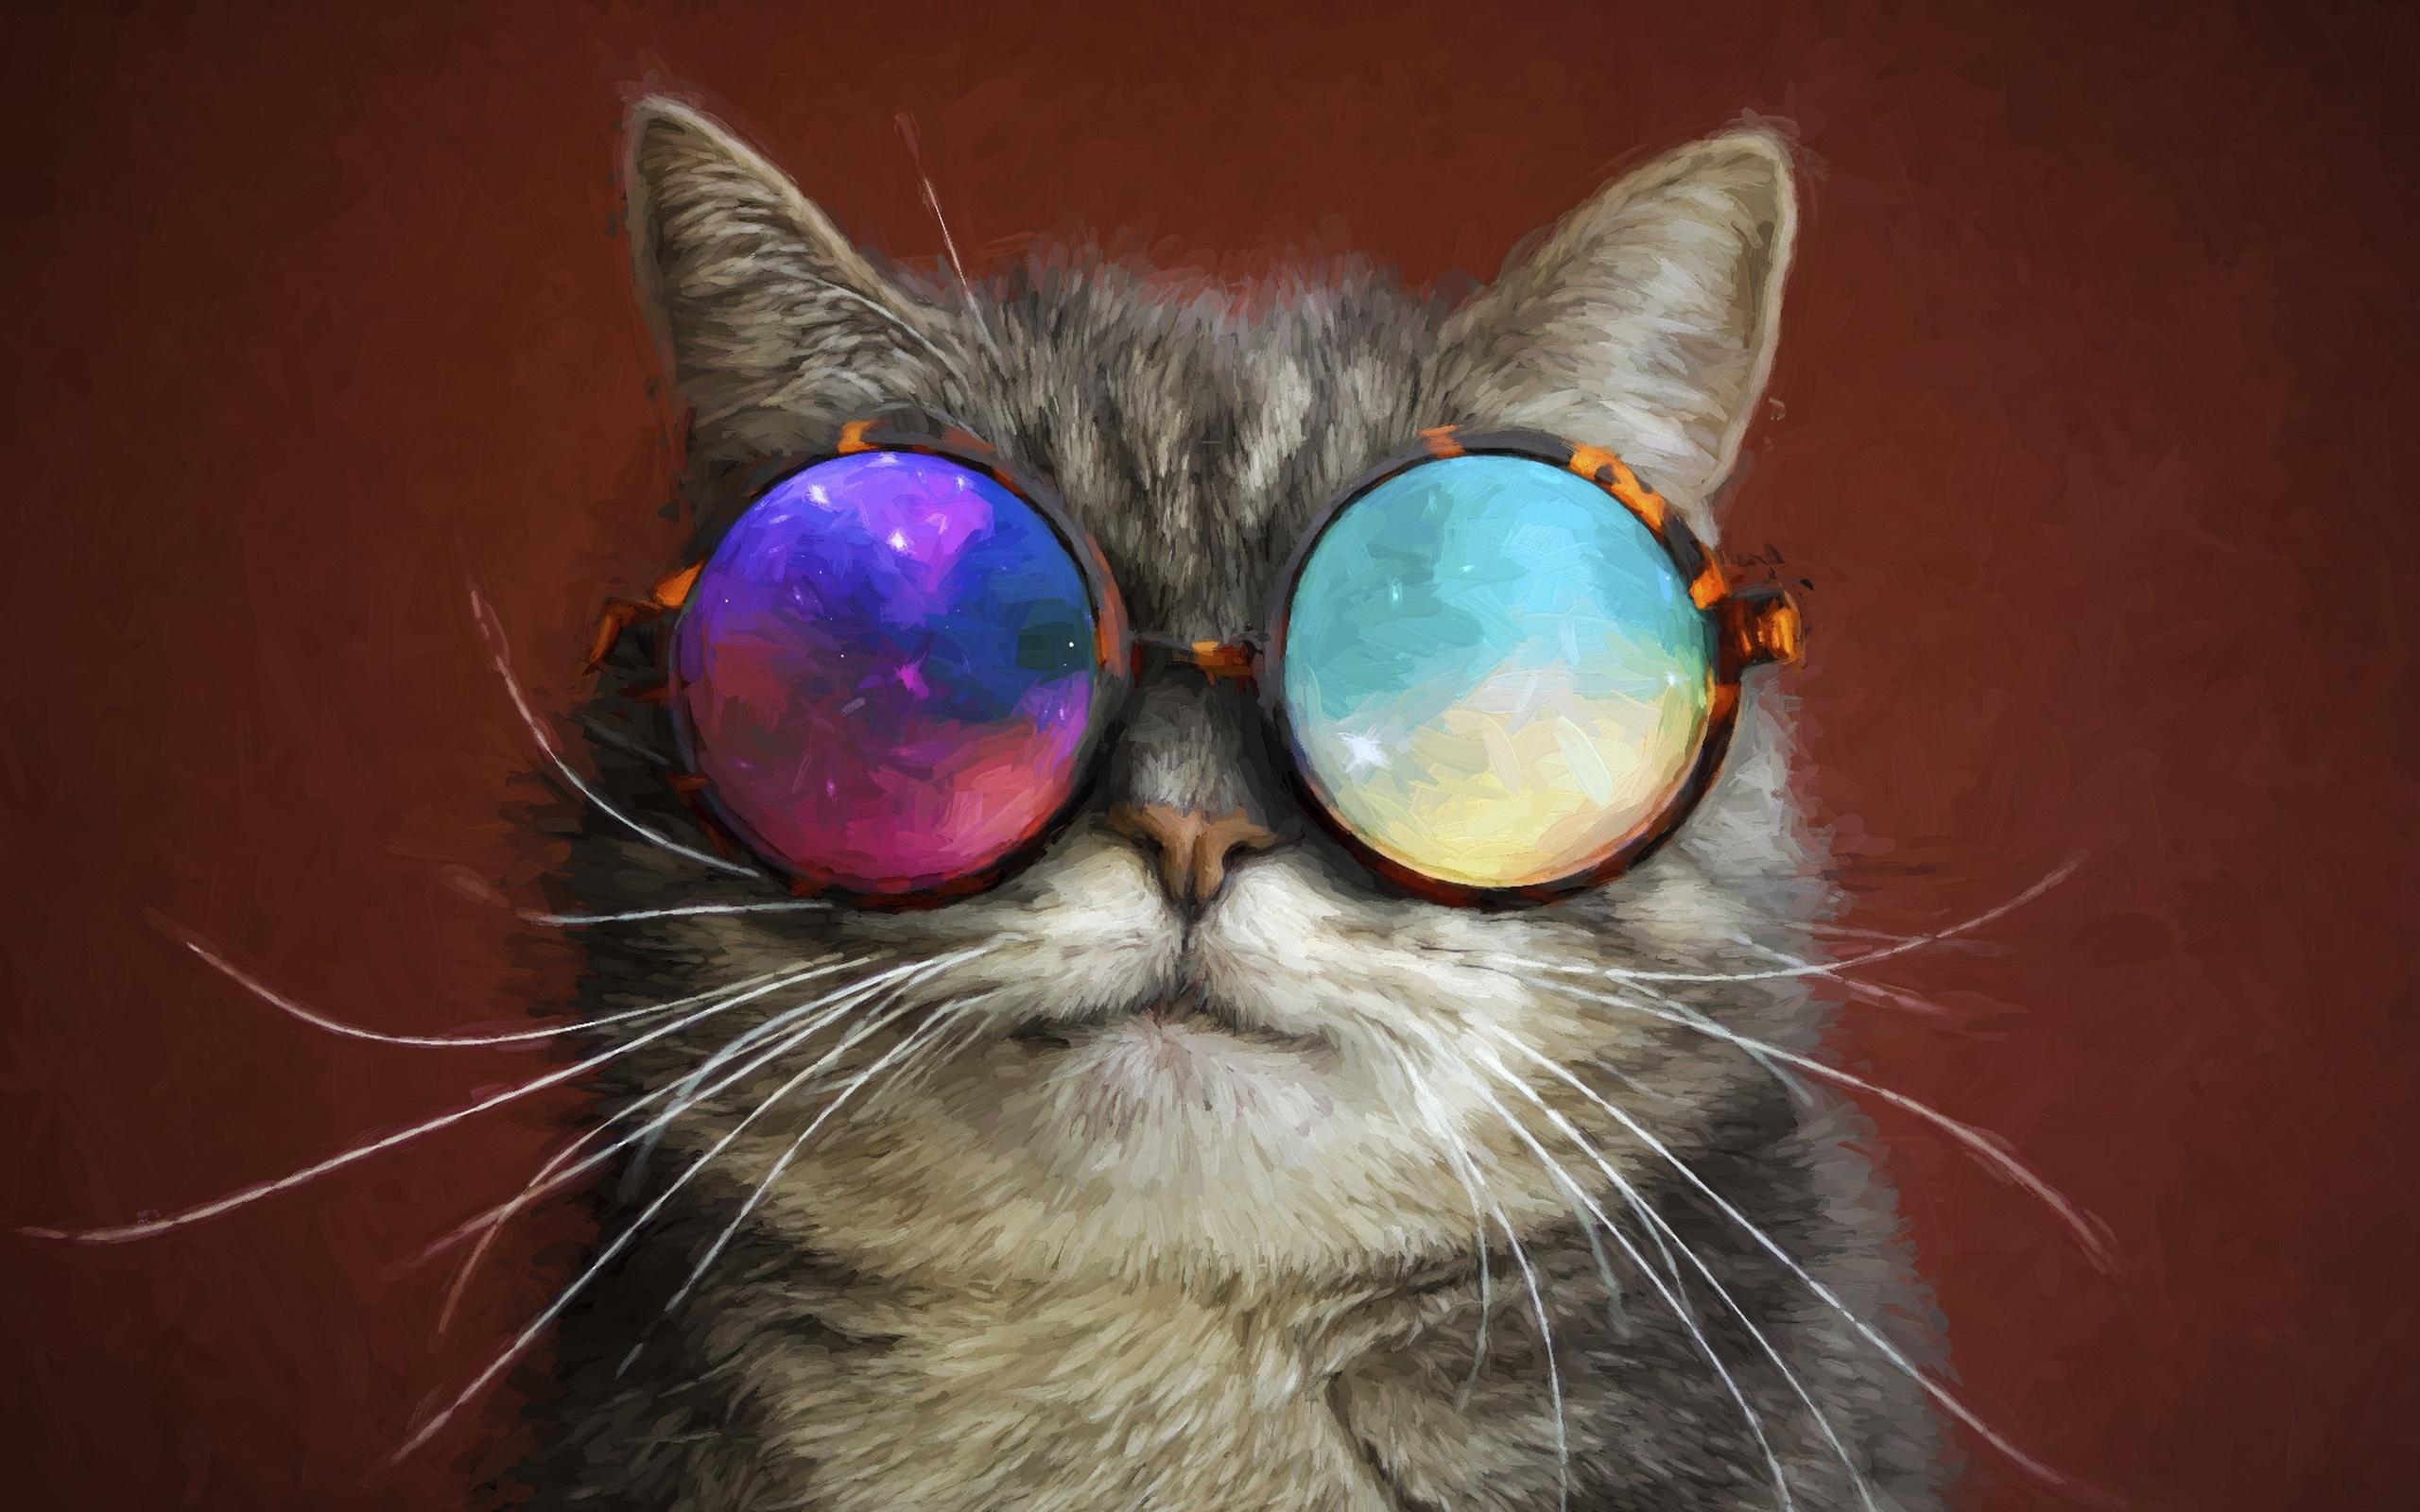 Картинки прикольные про котов в очках, переписки